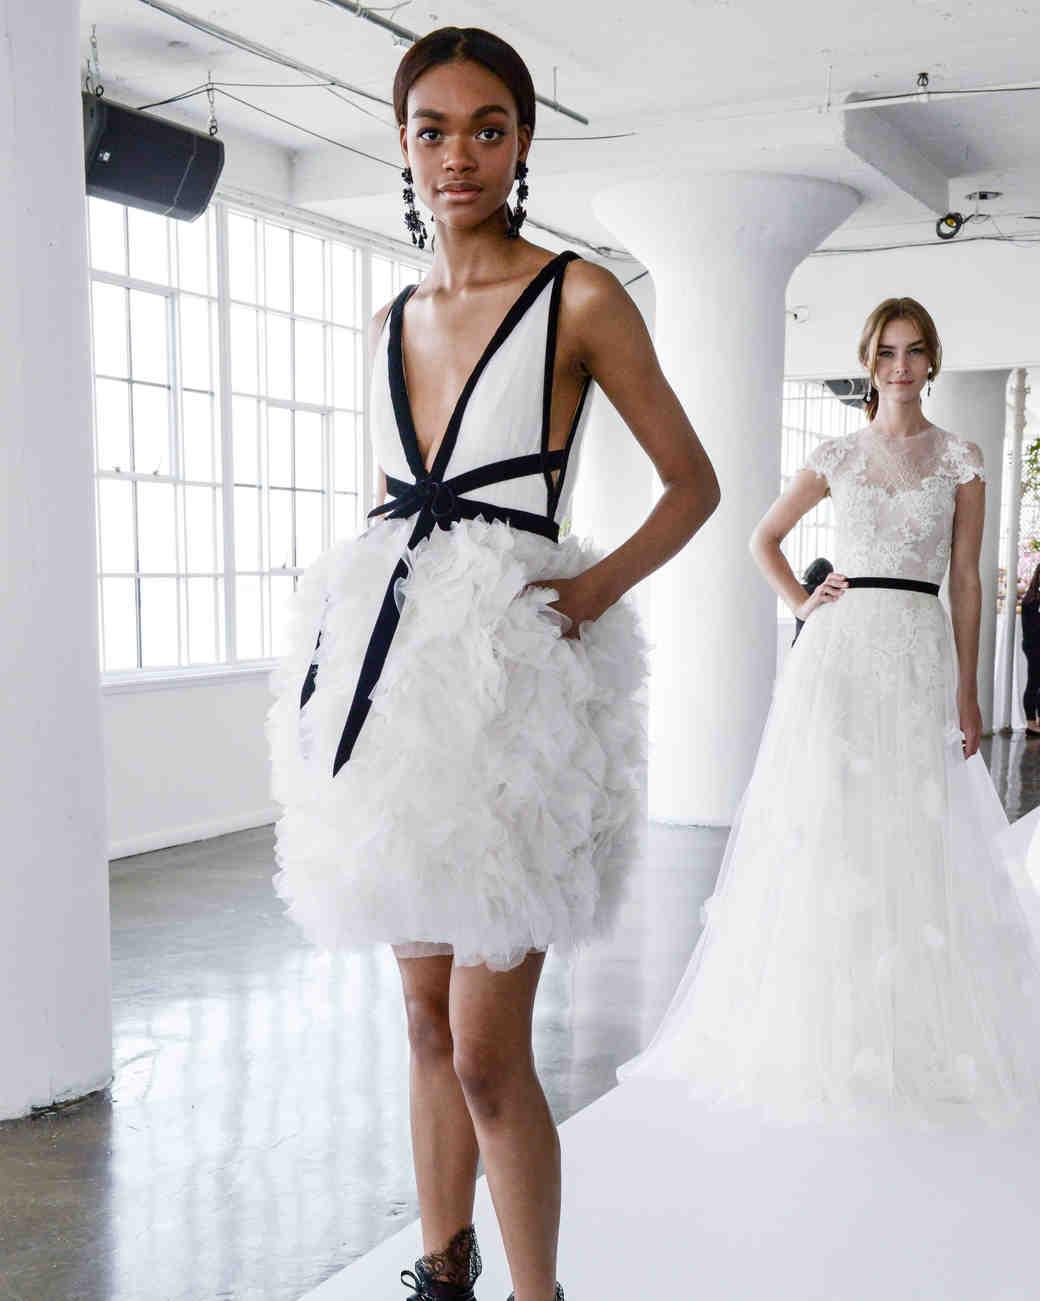 c4cf592e9 محلات وبوتيك فساتين زفاف أشهر مصممي الأزياء | موقع العروس